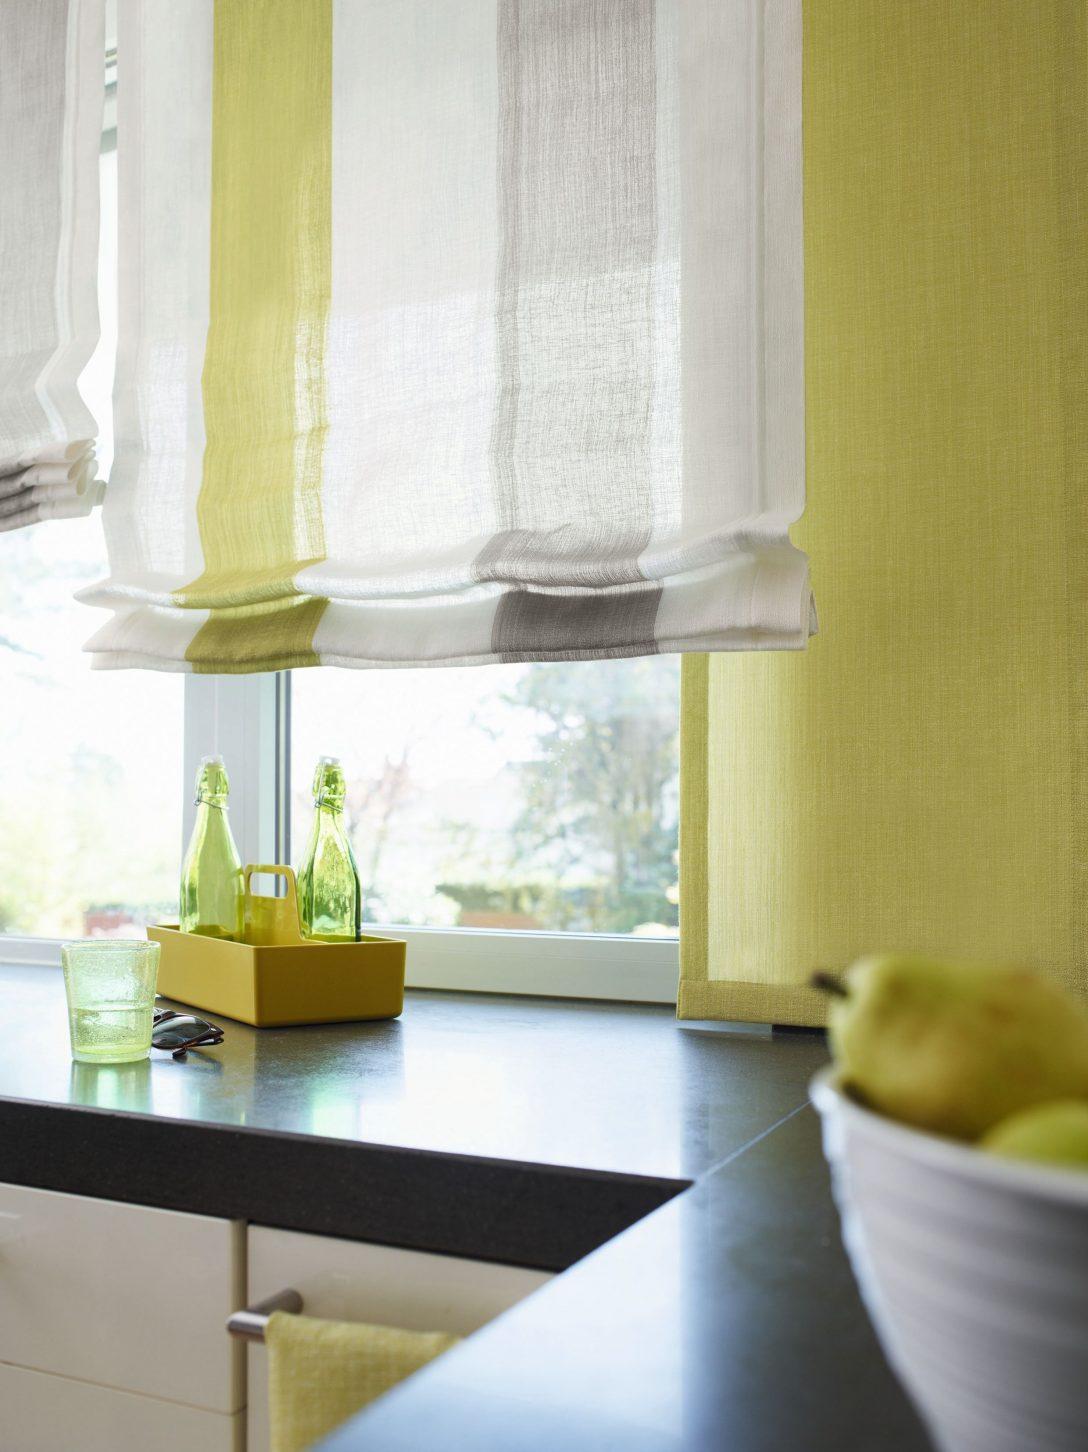 Full Size of Küchen Raffrollo Kuche Modern Einzigartig Moderne Raffrollos Kche Küche Regal Wohnzimmer Küchen Raffrollo